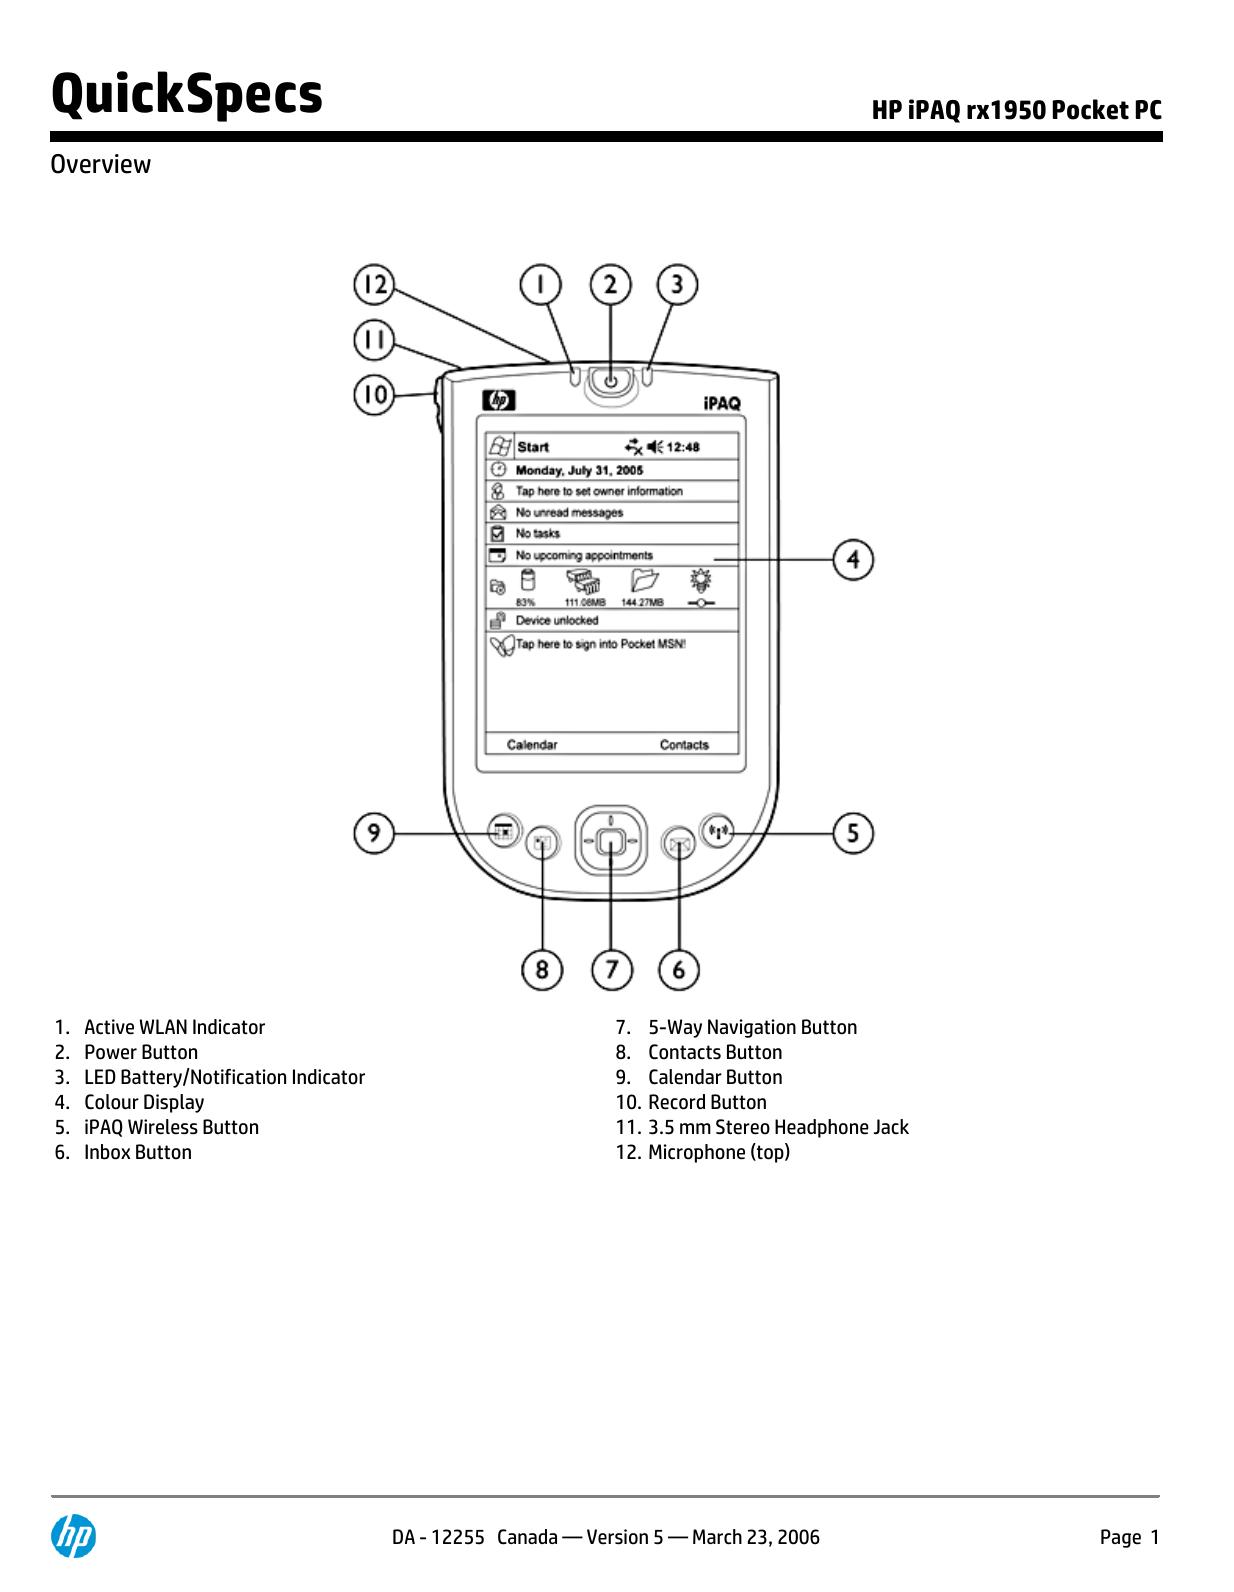 HP iPAQ rx1950 Pocket PC | manualzz com